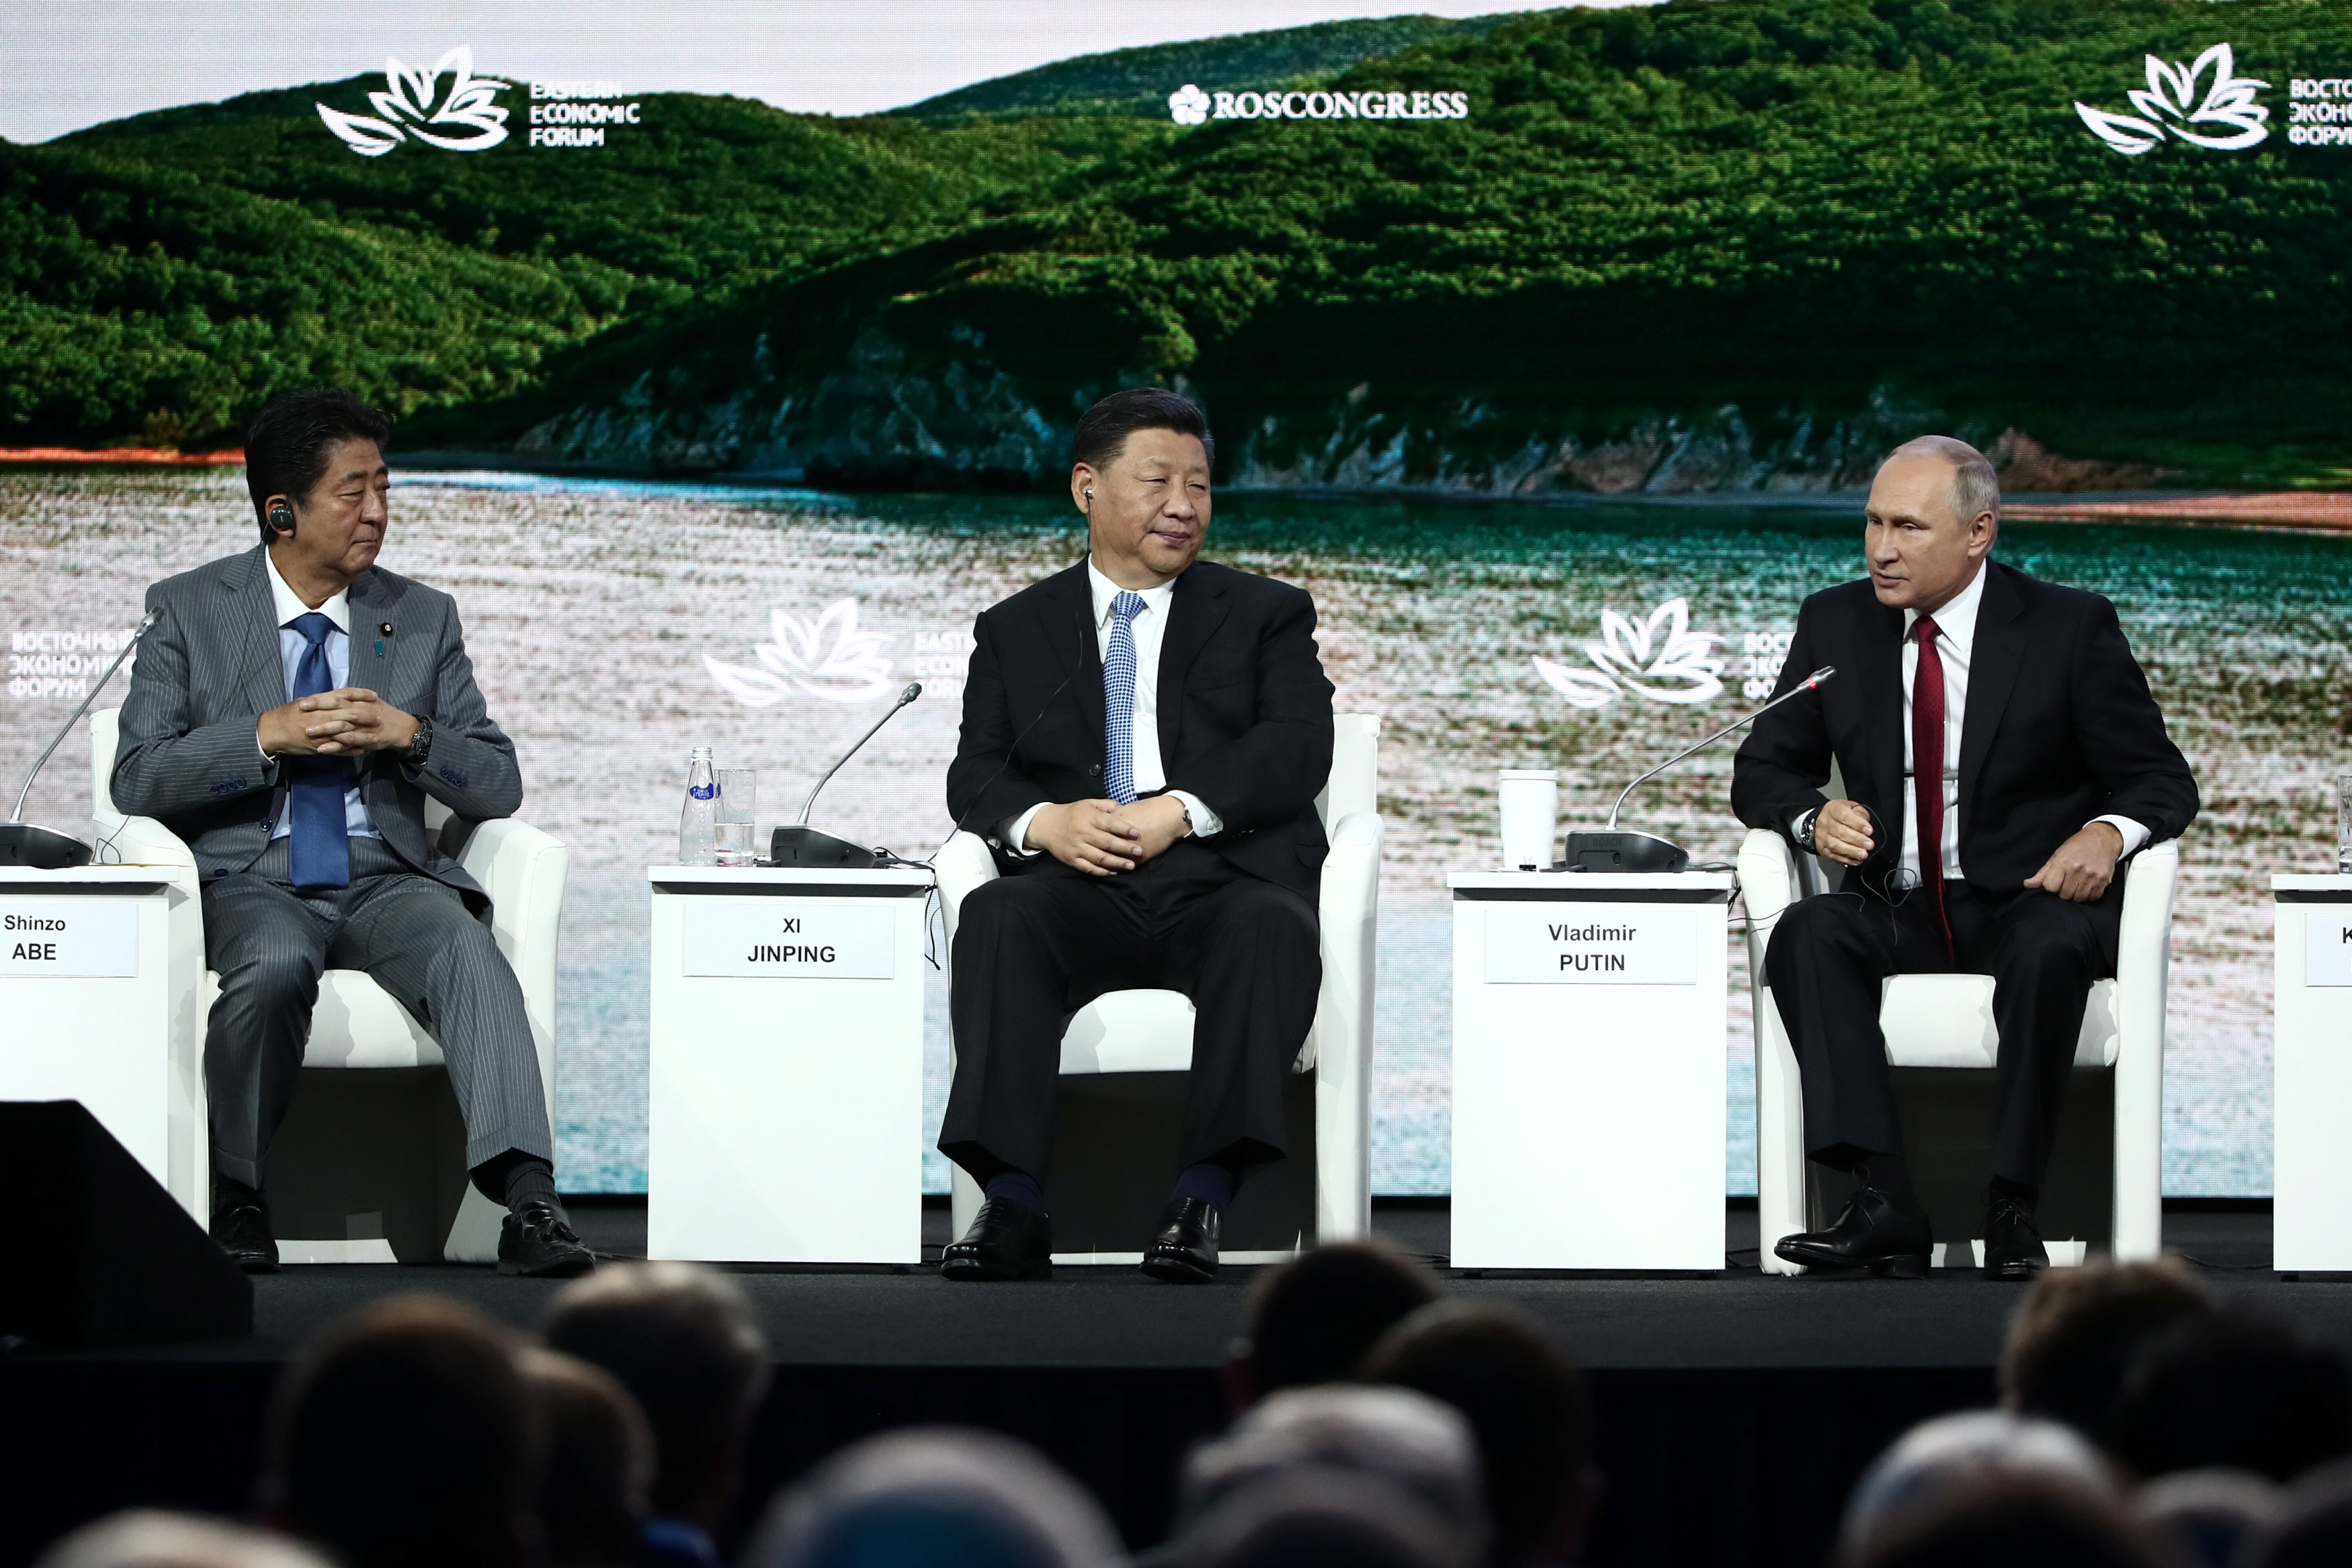 - رئيس الوزراء الياباني شينزو آبي والرئيس الصيني شي جين بينغ والروسي فلاديمير بوتين يحضران المنتدى الاقتصادي الشرقي في فلاديفوستوك